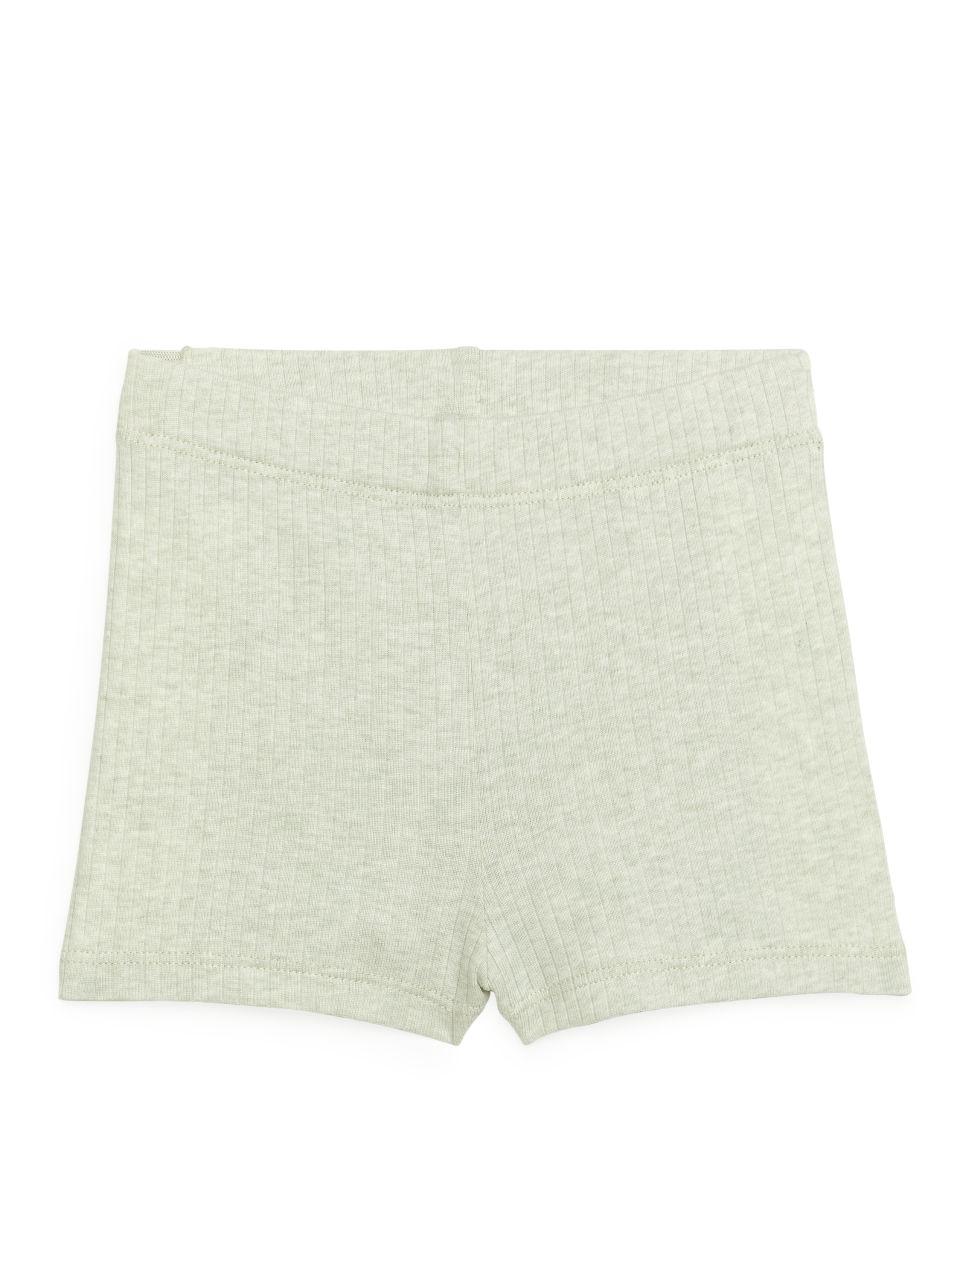 Natural Dye Rib Shorts - Green